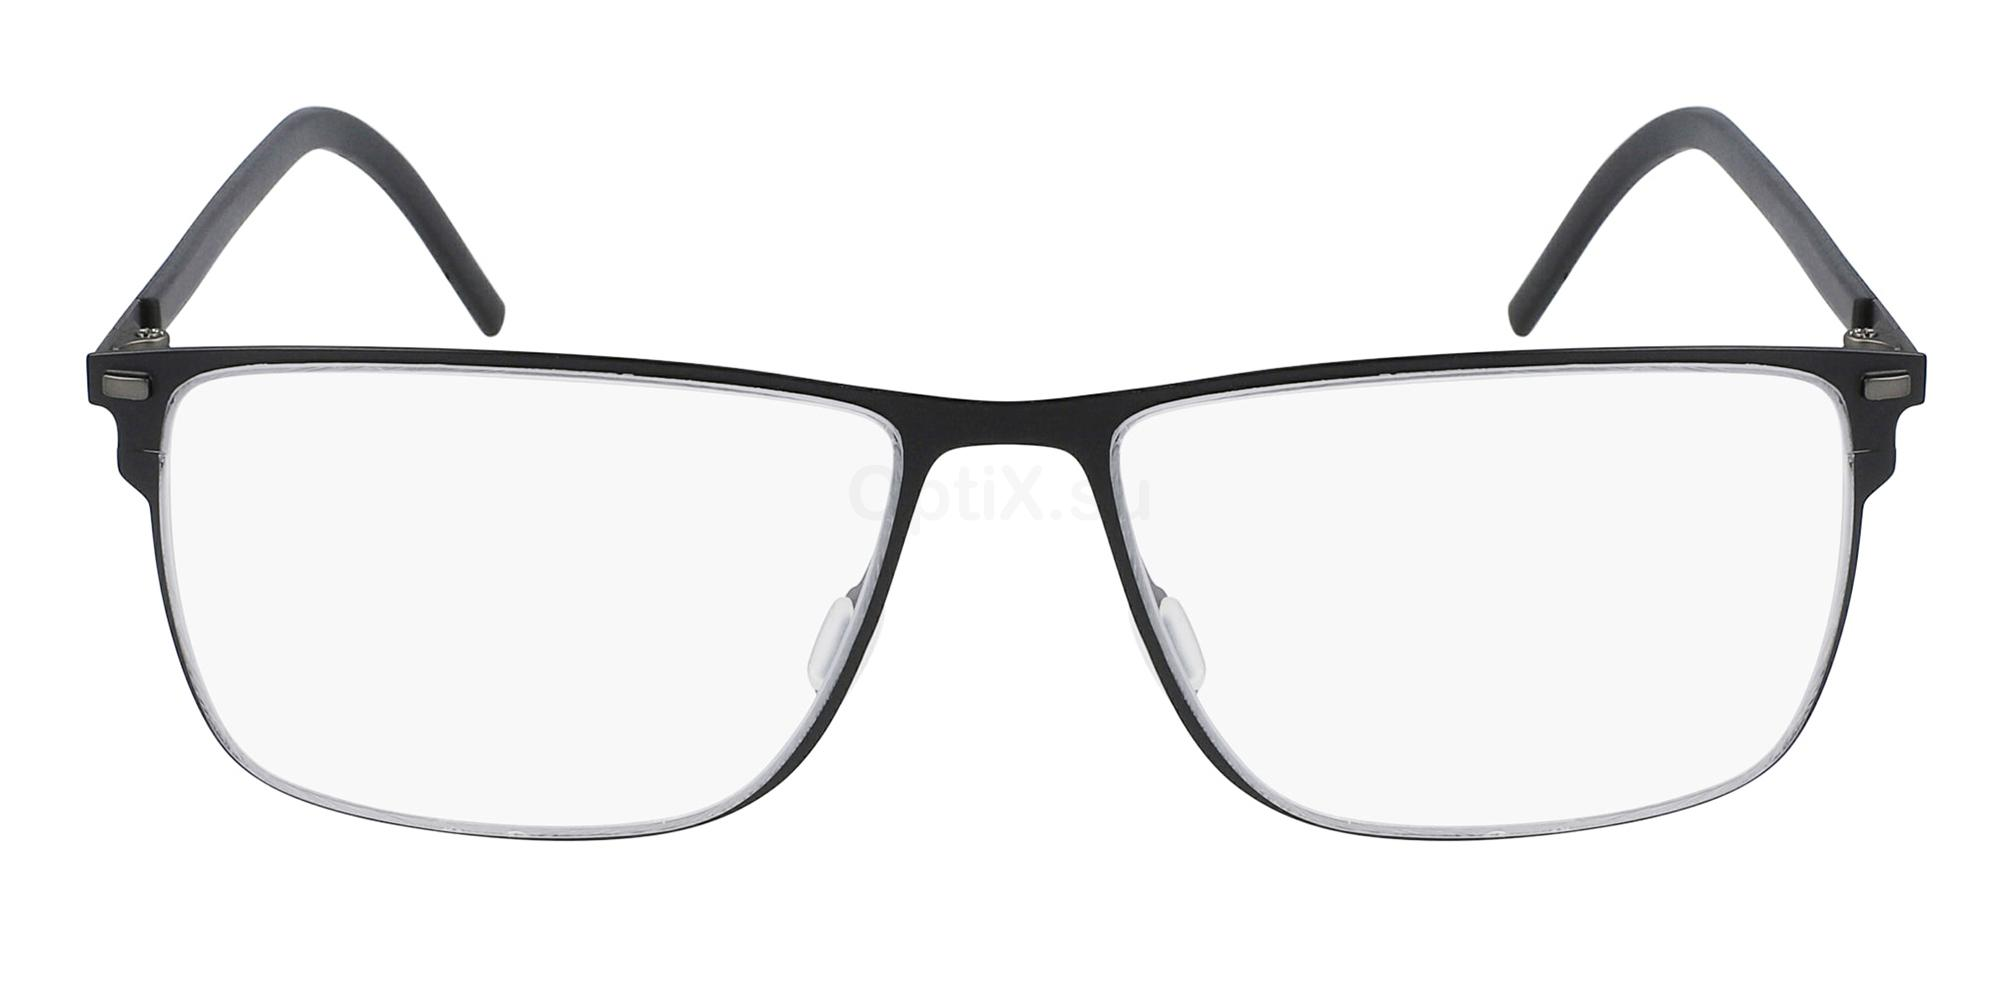 001 FLEXON B2077 Glasses, Flexon